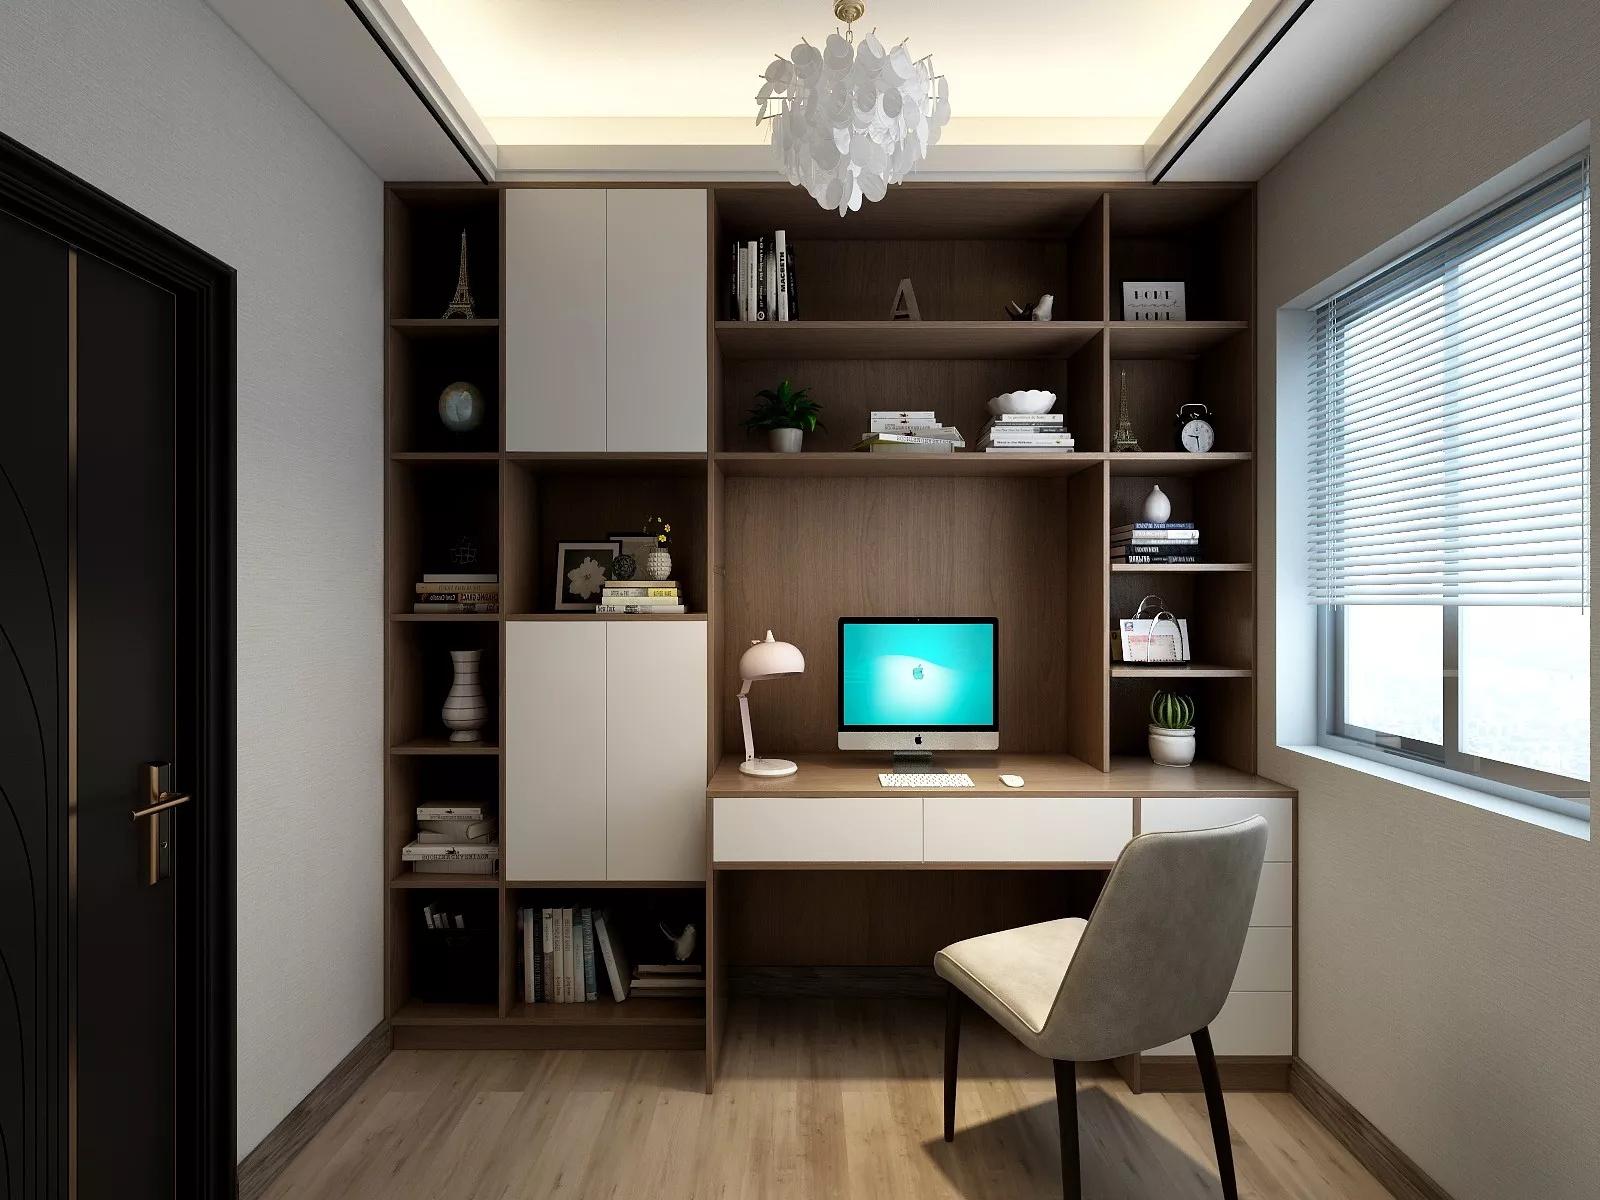 宜家风格大气温馨型客厅装修效果图